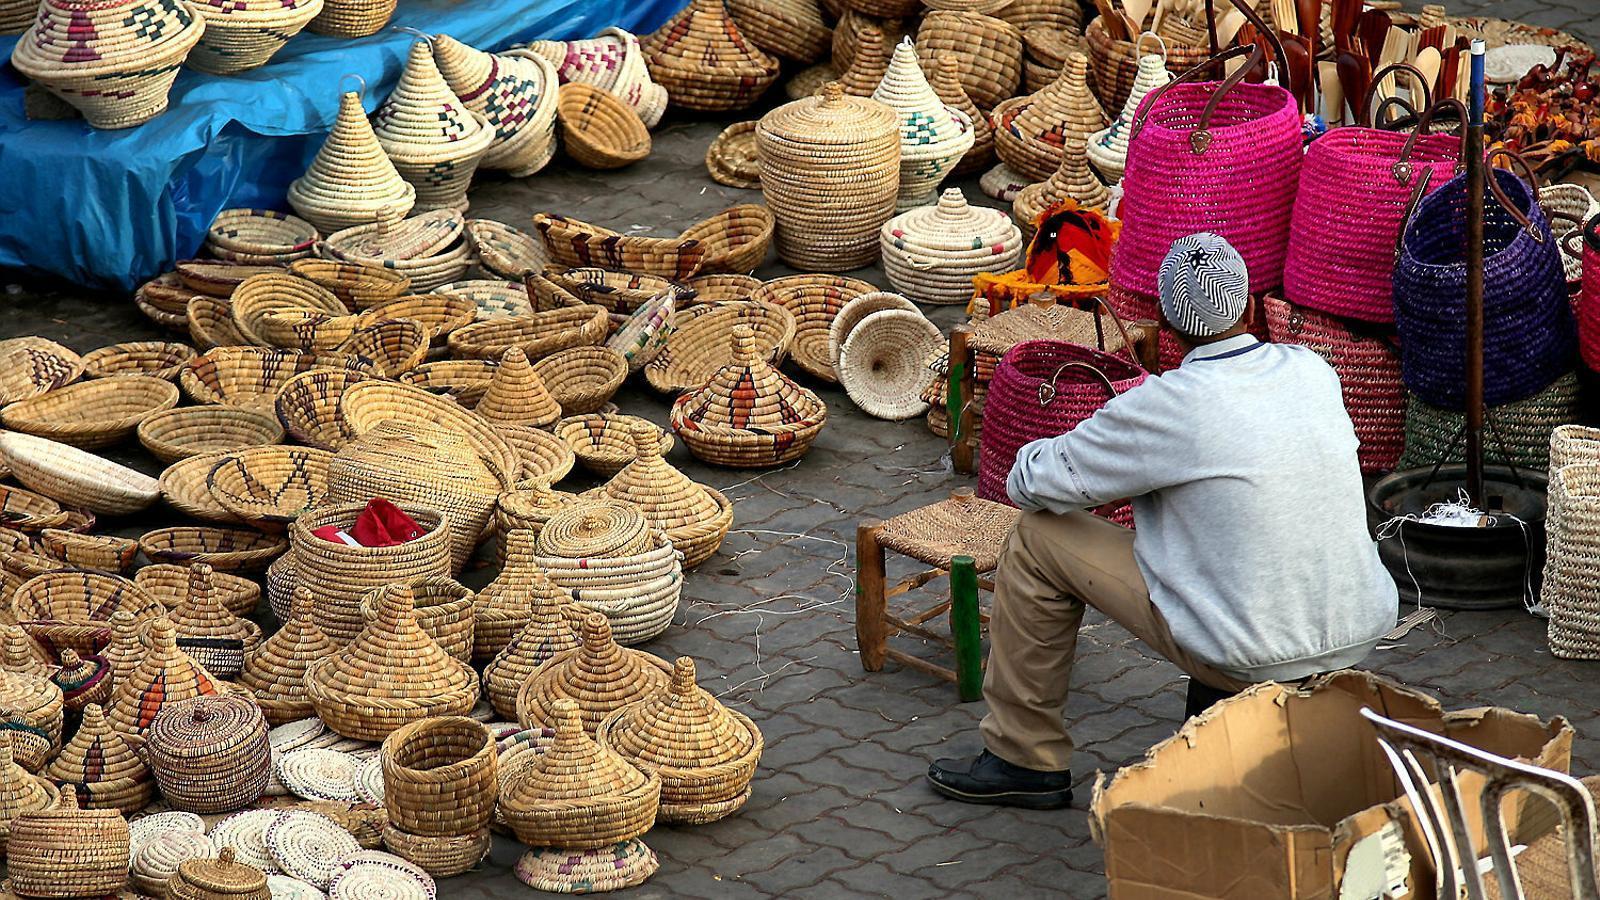 L'acord afectarà àmbits com l'agricultura, els serveis o els mercats públics. A la foto, imatge d'arxiu d'un mercat tunisià.